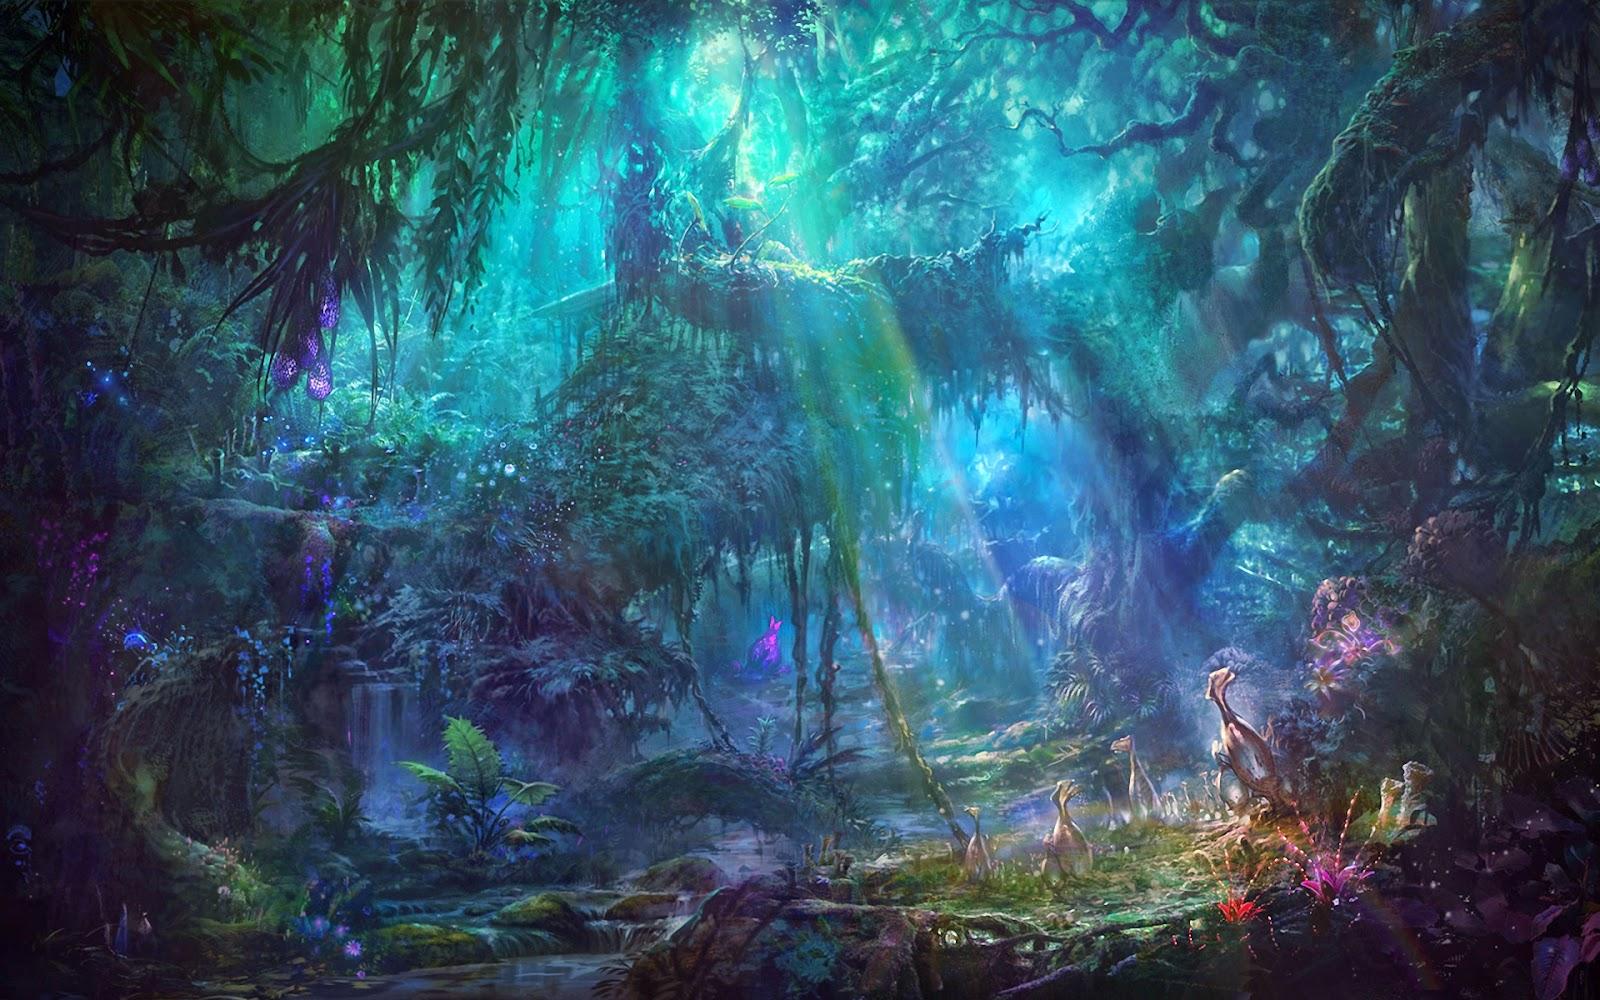 Anu 3d Name Wallpaper Hd Wallpapers Hdwallpapers Org In Beautiful Fantasy Hd